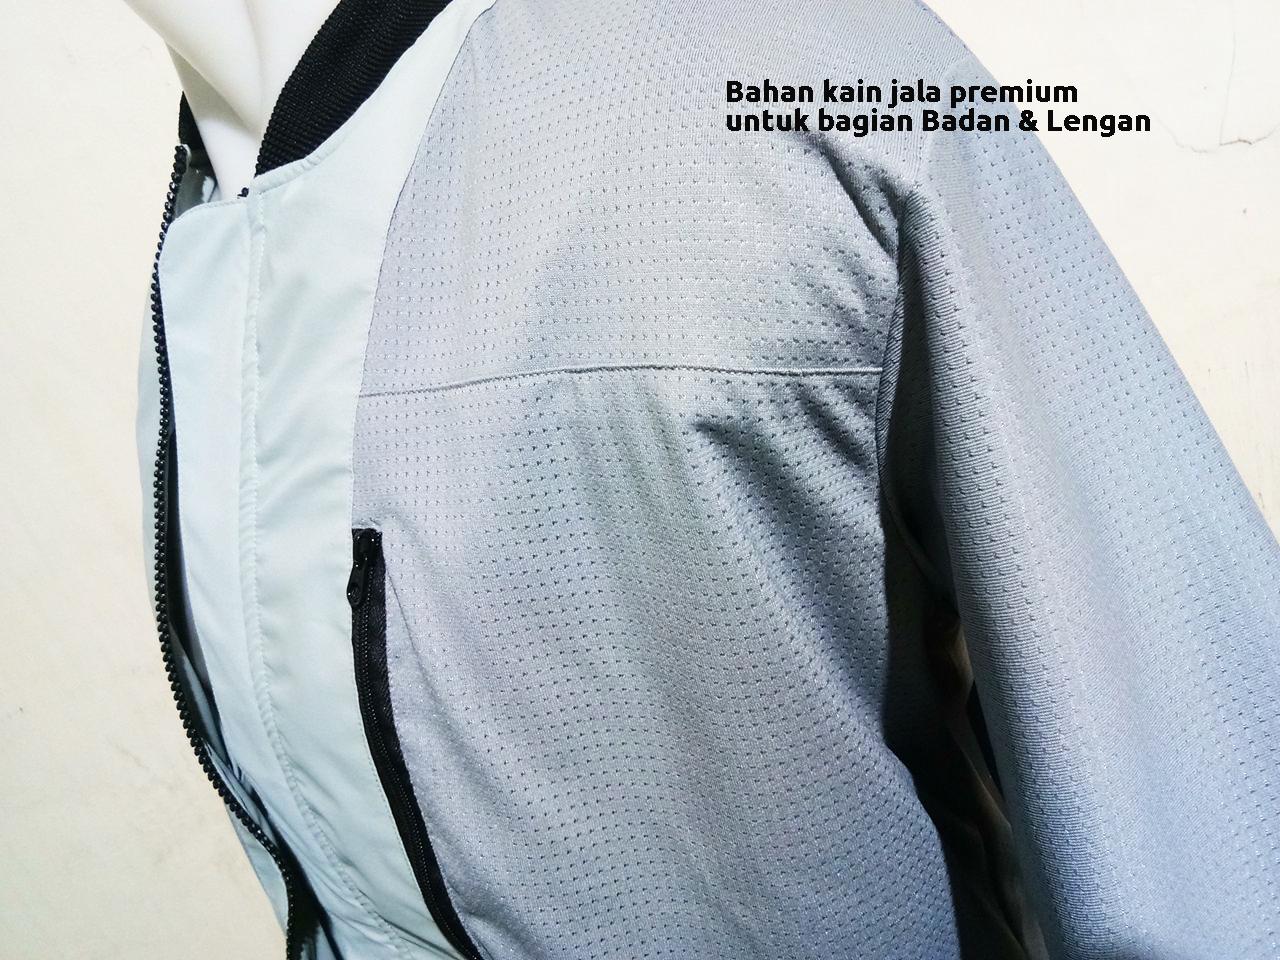 Bahan kain furing yang nyaman untuk jaket waterproof